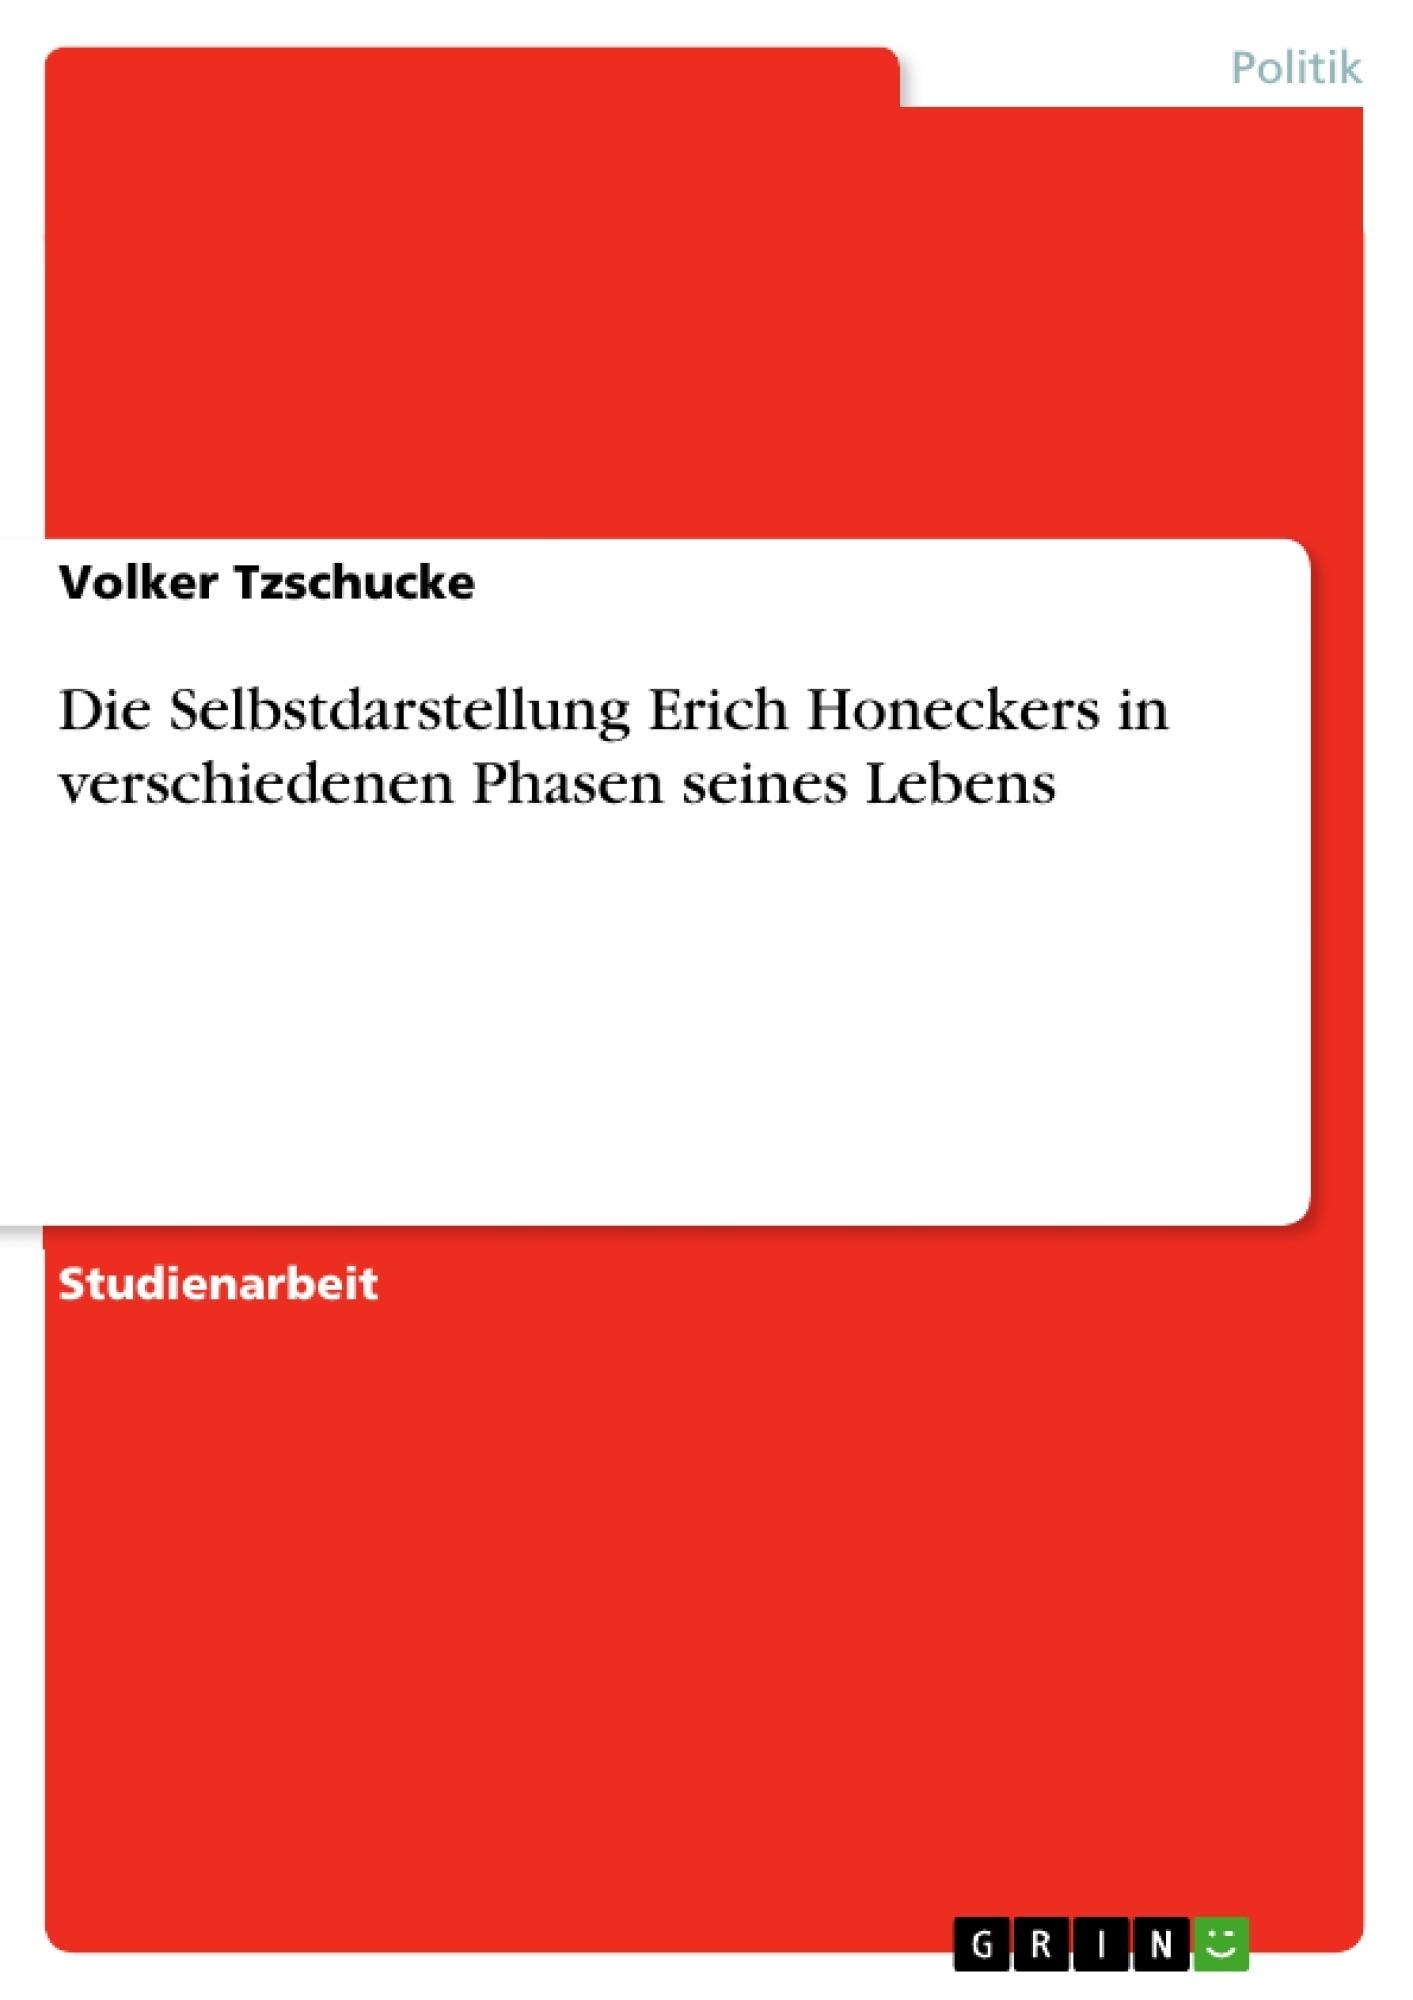 Titel: Die Selbstdarstellung Erich Honeckers in verschiedenen Phasen seines Lebens